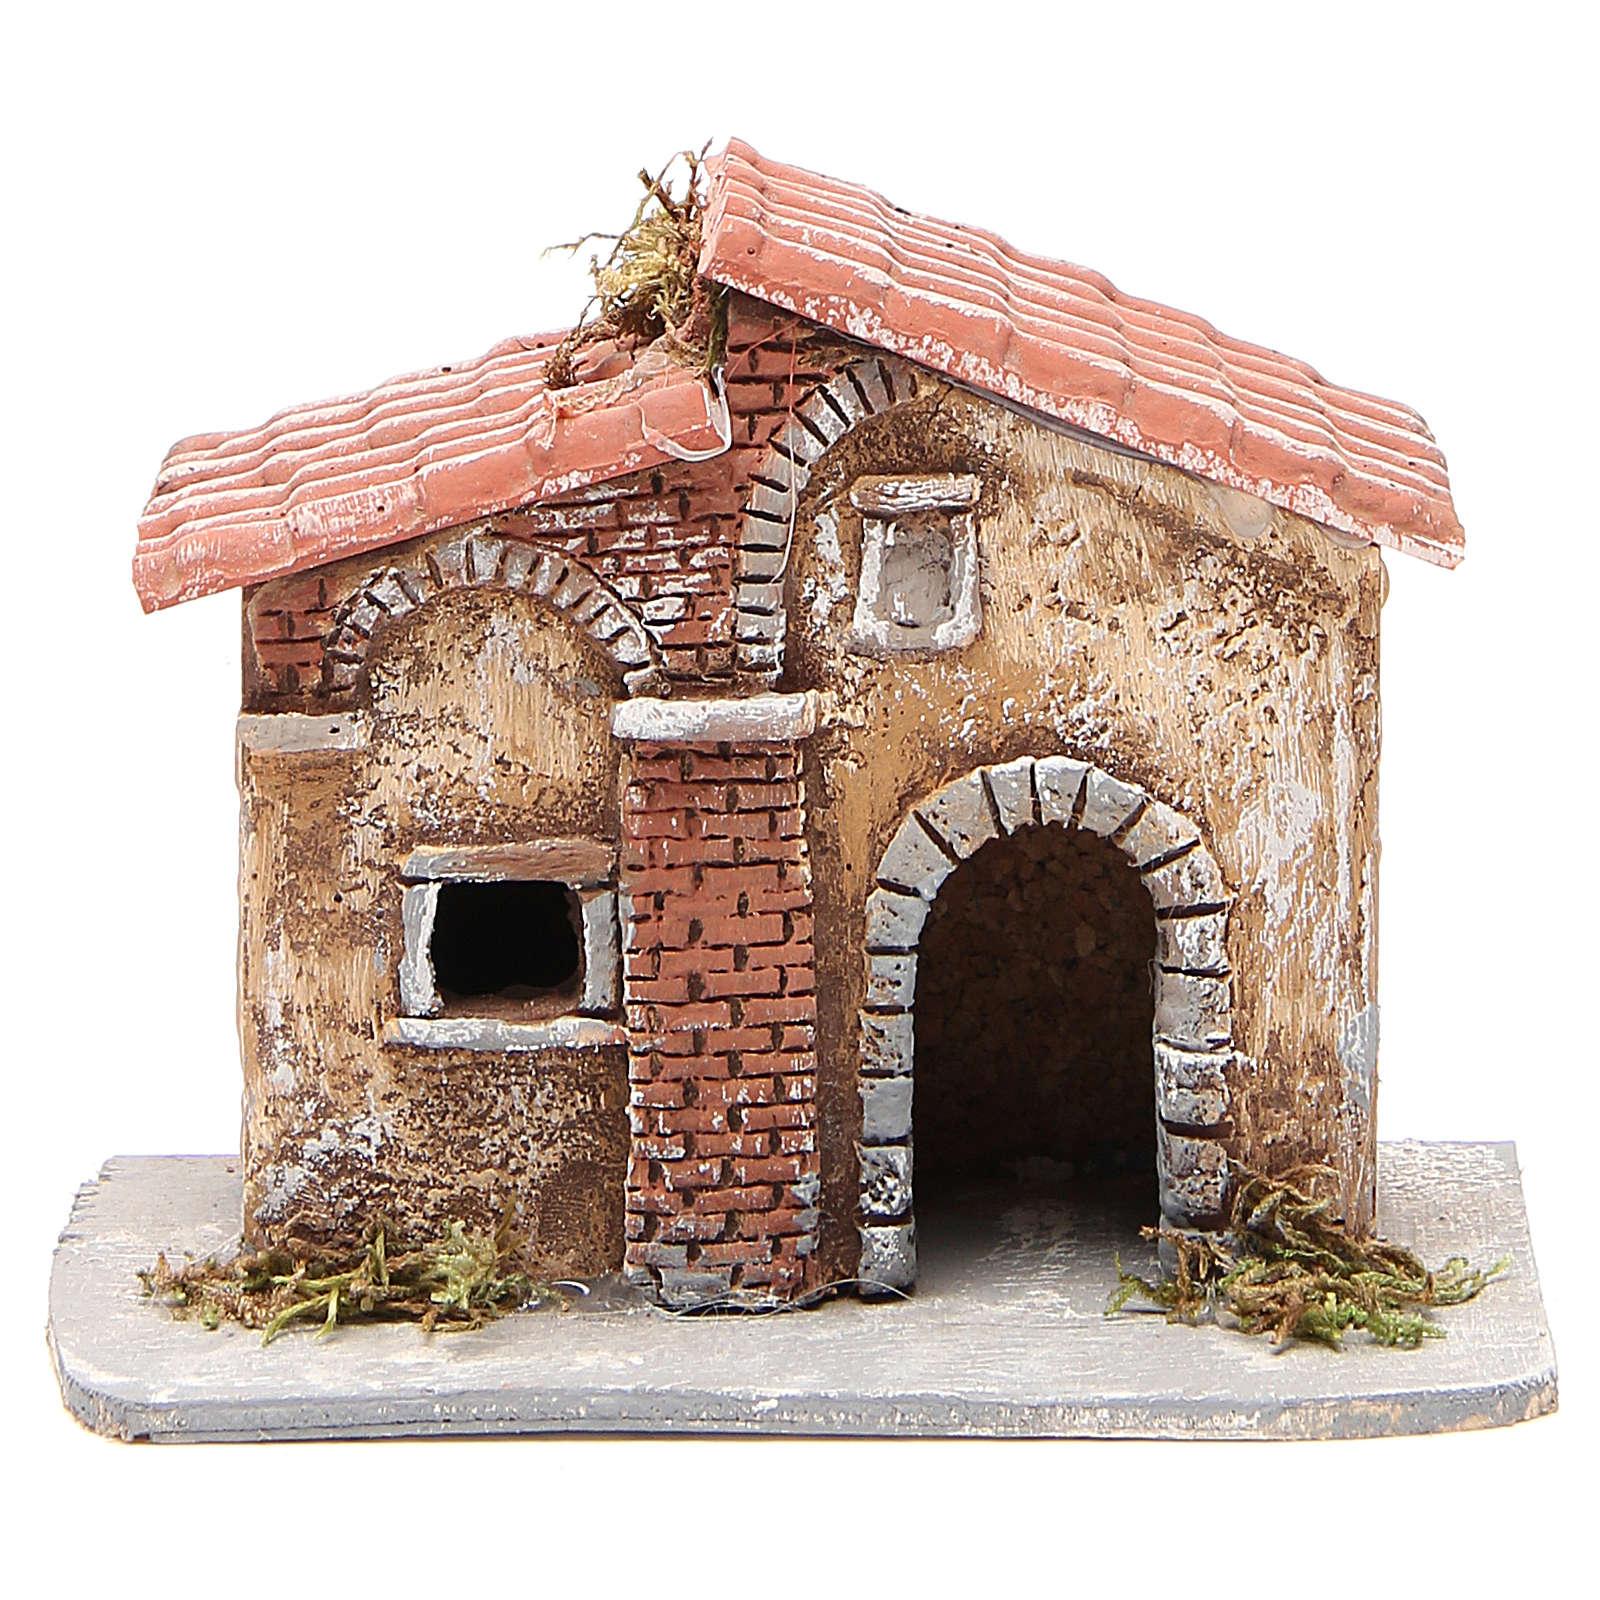 Casita corcho y resina belén Nápoles 15x15x11 cm 4